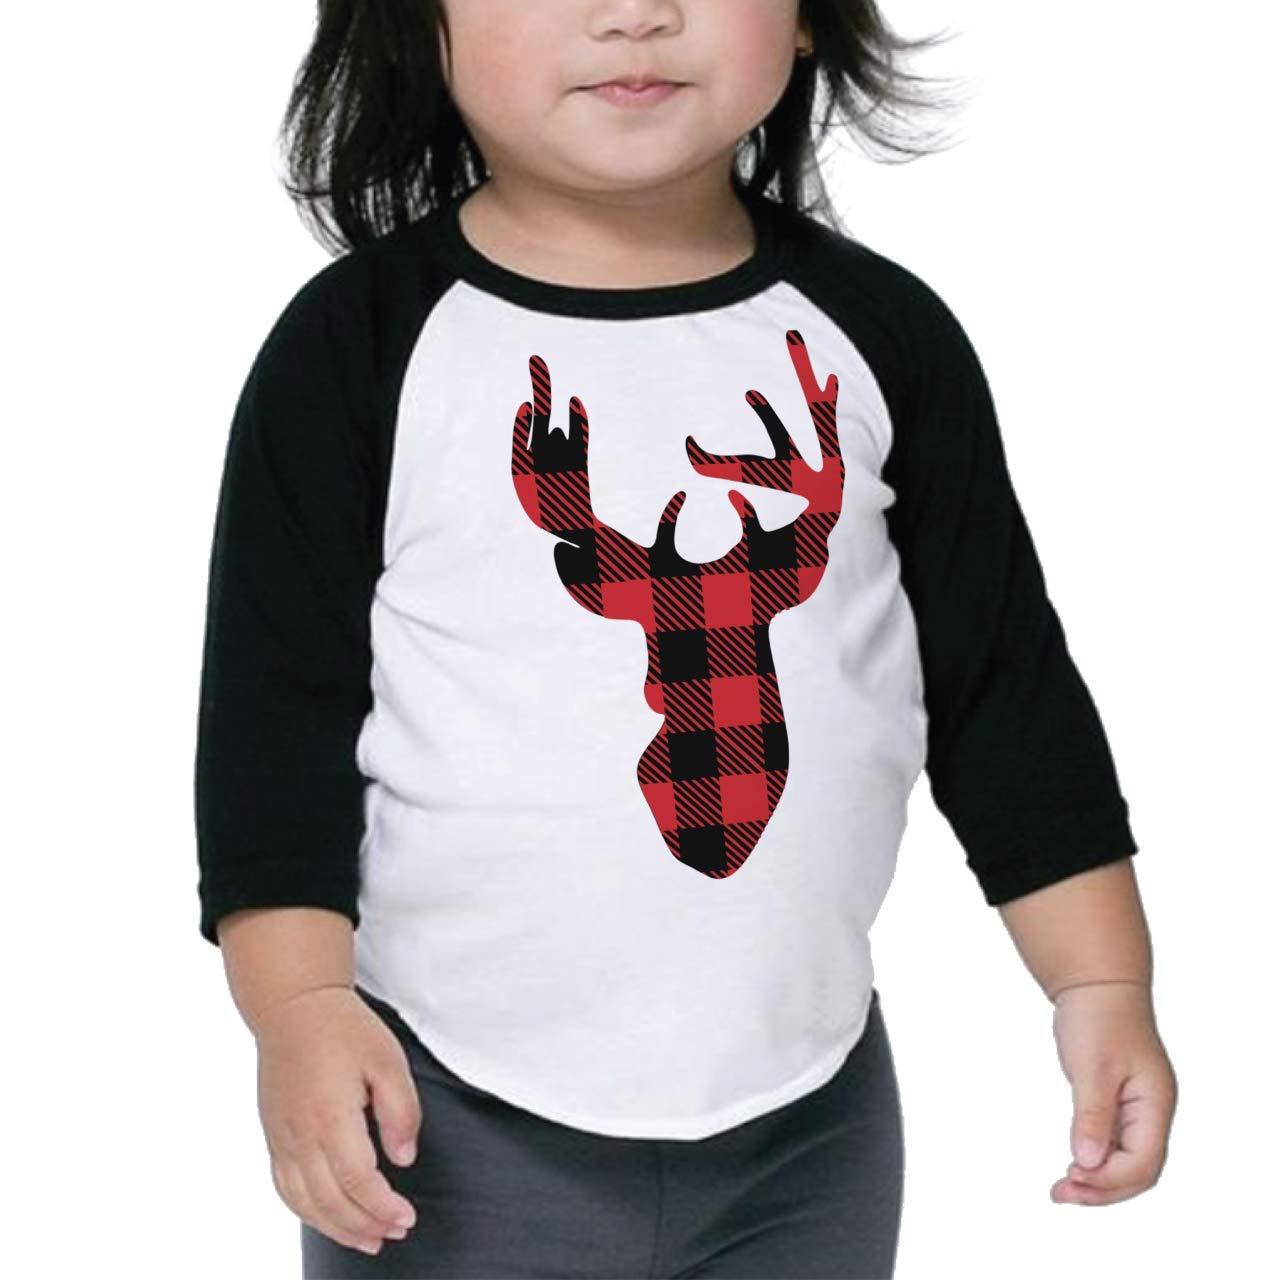 Bump and Beyond Designs Toddler and Kids Buffalo Plaid Reindeer Christmas Shirt Boy and Girl 3/4 Sleeve Holiday Raglan